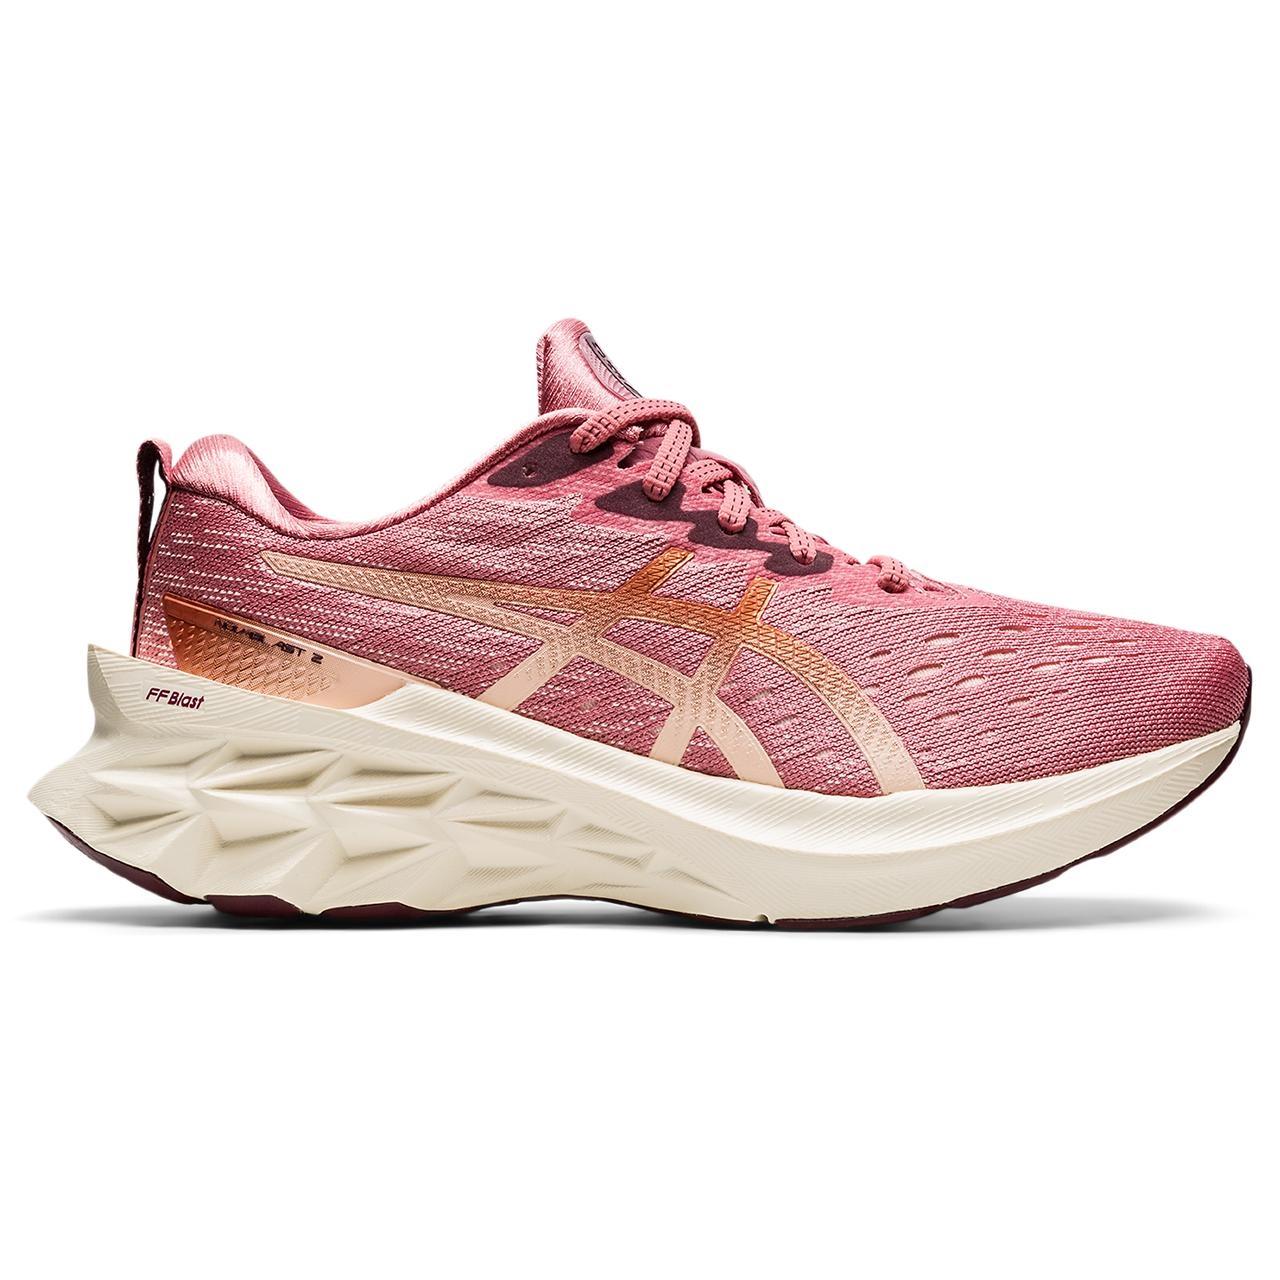 asics Novablast 2 Running Shoe Women - smokey rose/pure bronze